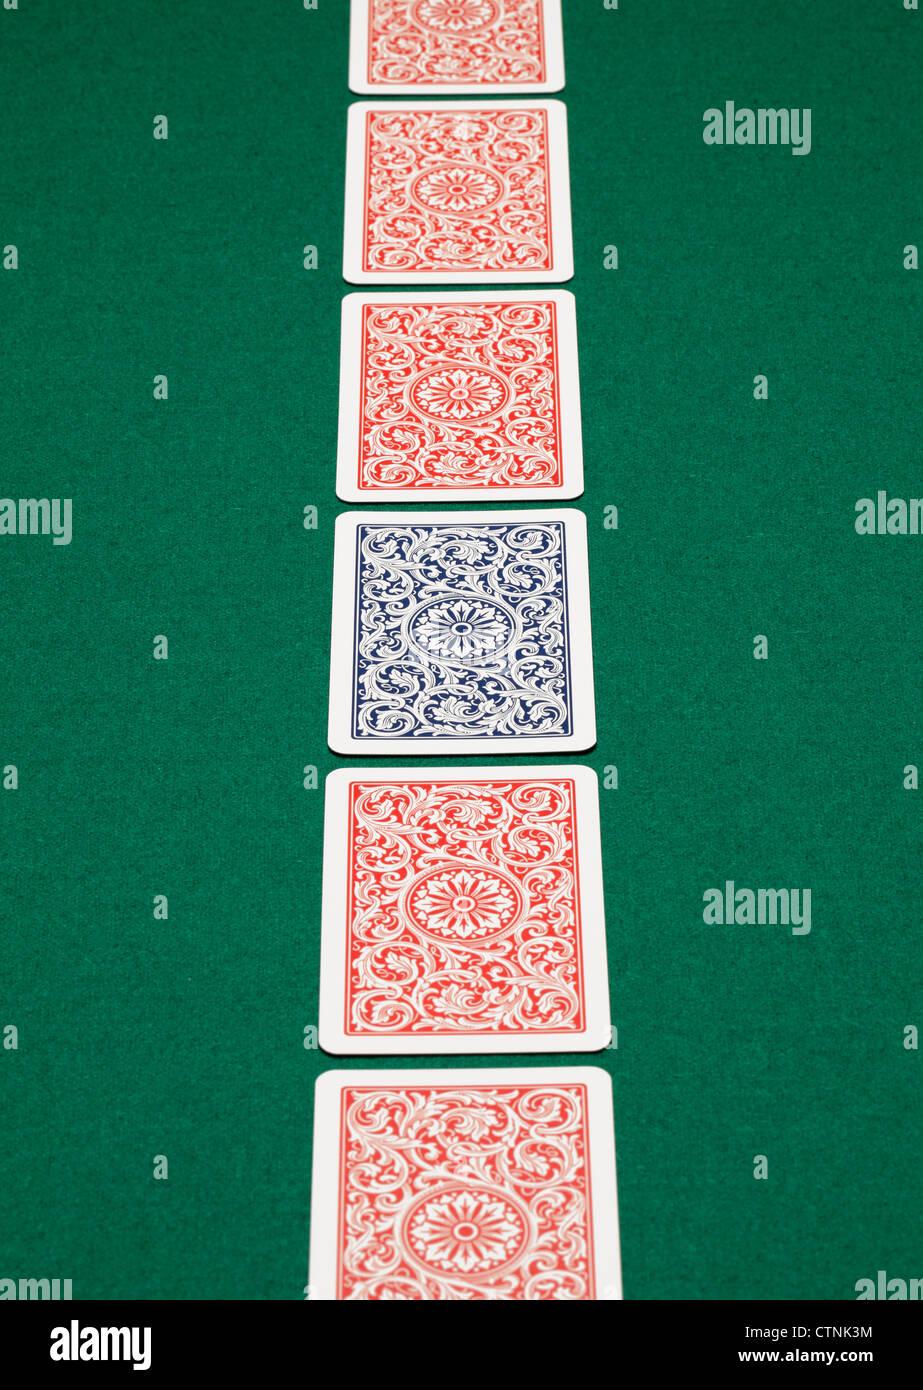 Eine Reihe von Spielkarten am grünen Tisch. Stockbild